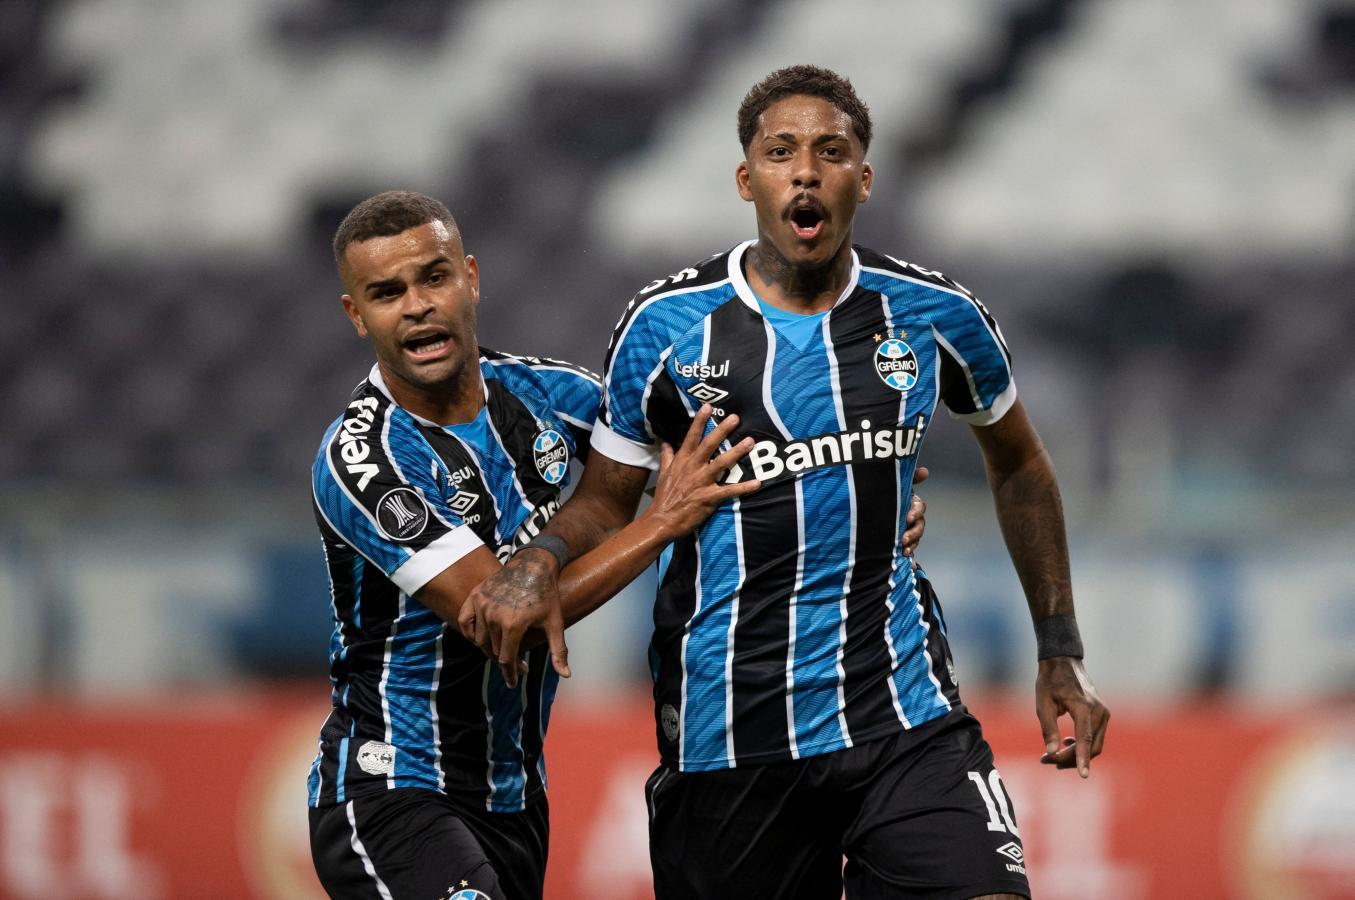 Jean Pyerre puso el 1-0 parcial y todo era alegría para Gremio. Sin embargo, no pudo sostener la ventaja y se quedó sin Libertadores. Foto: @Libertadores